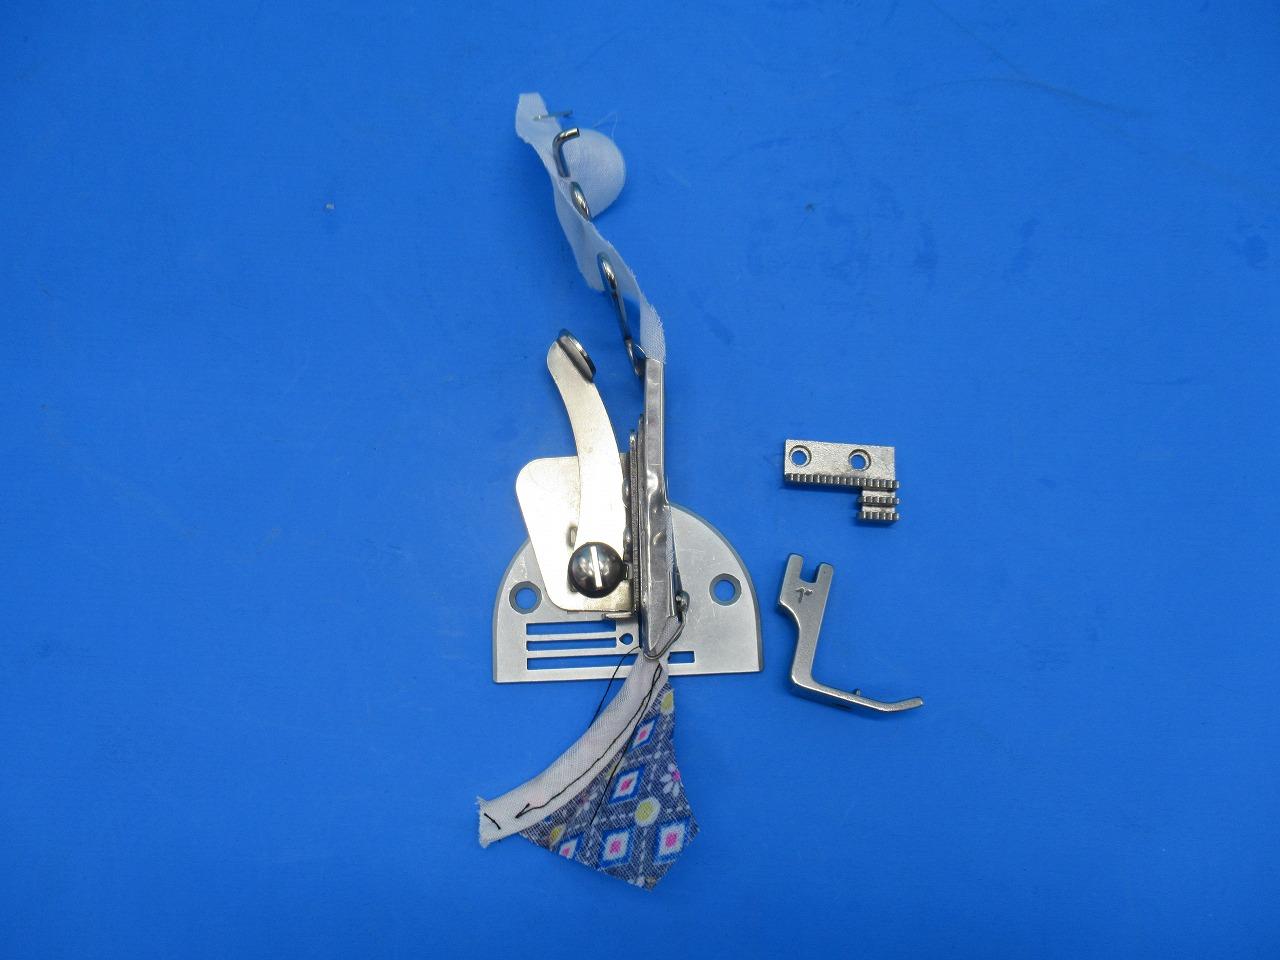 直線はもちろん インカーブ 売店 SALENEW大人気 アウトカーブのバイアステープのバインディング縫製に適した針板一体型のバインダーです 新品 工業用ミシン用 送り歯付き 専用押え金 ワイヤー付き 四つ折りバインダー 入口30mmx出口8mm